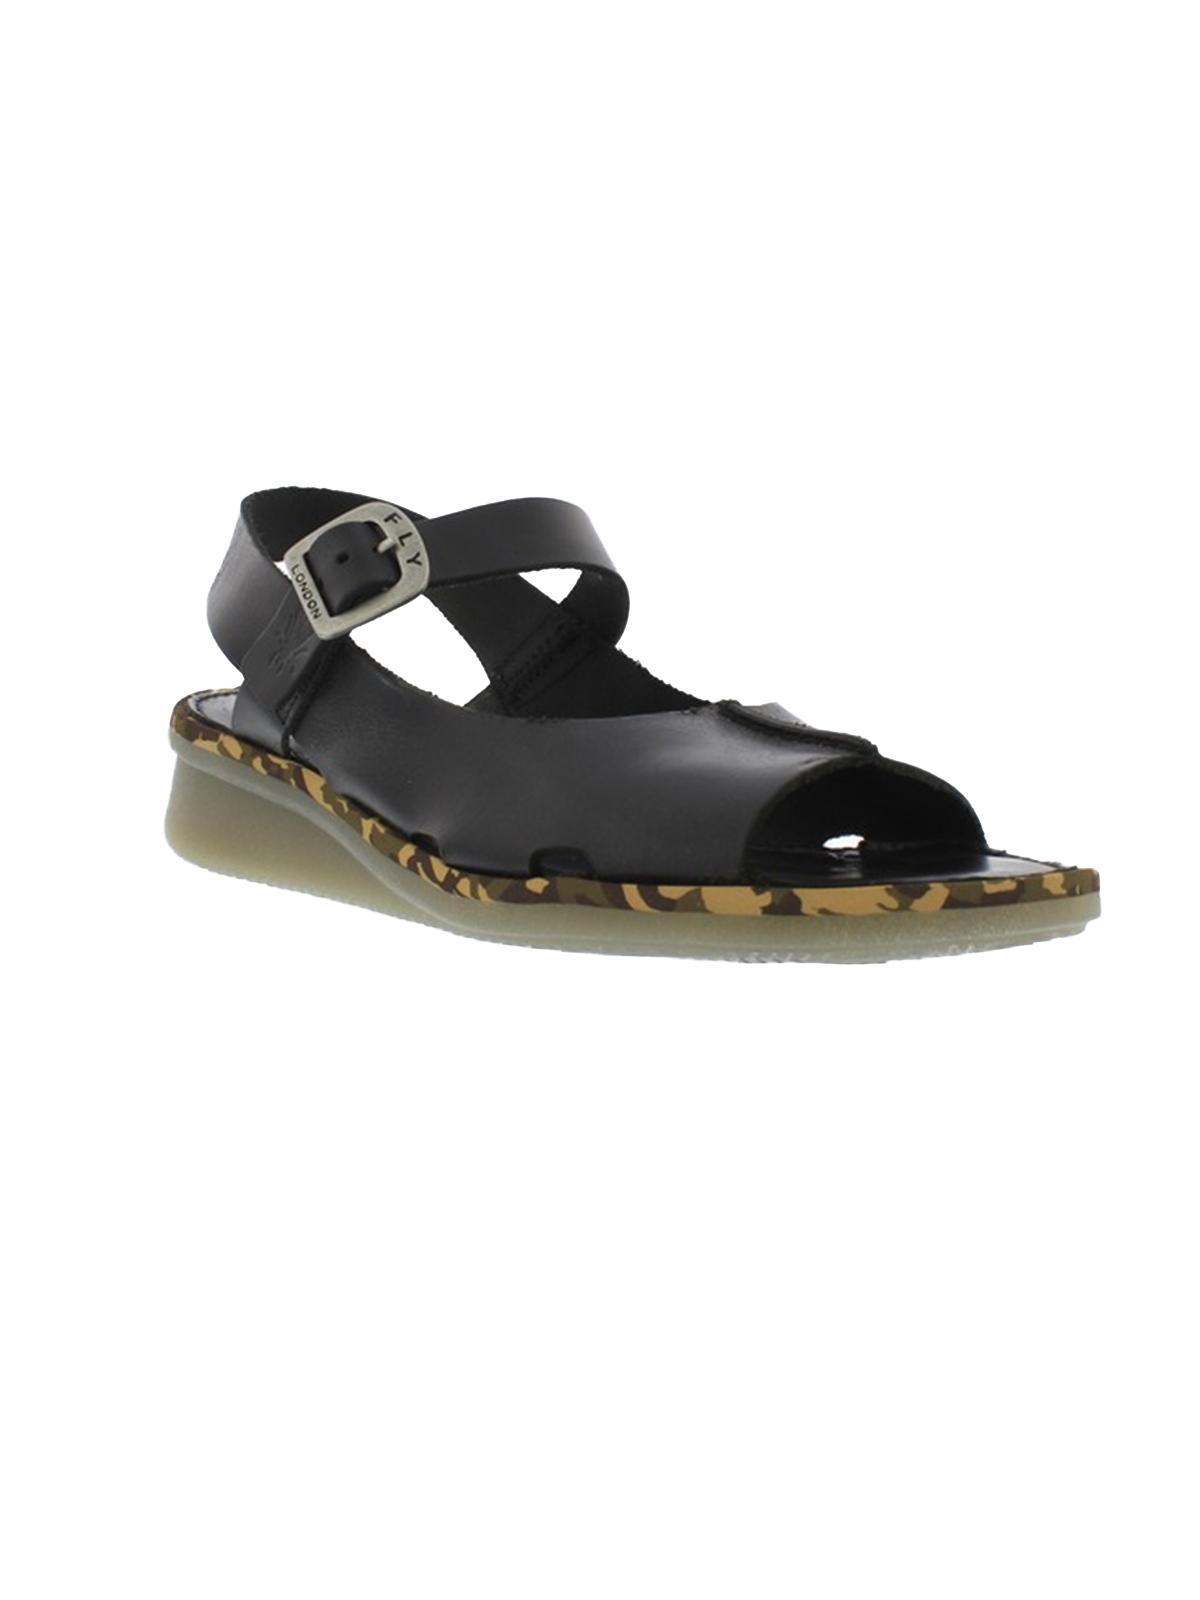 ff7b69d7612c6 Cult Sandal Fly London Katie Kerr Women's Sandals